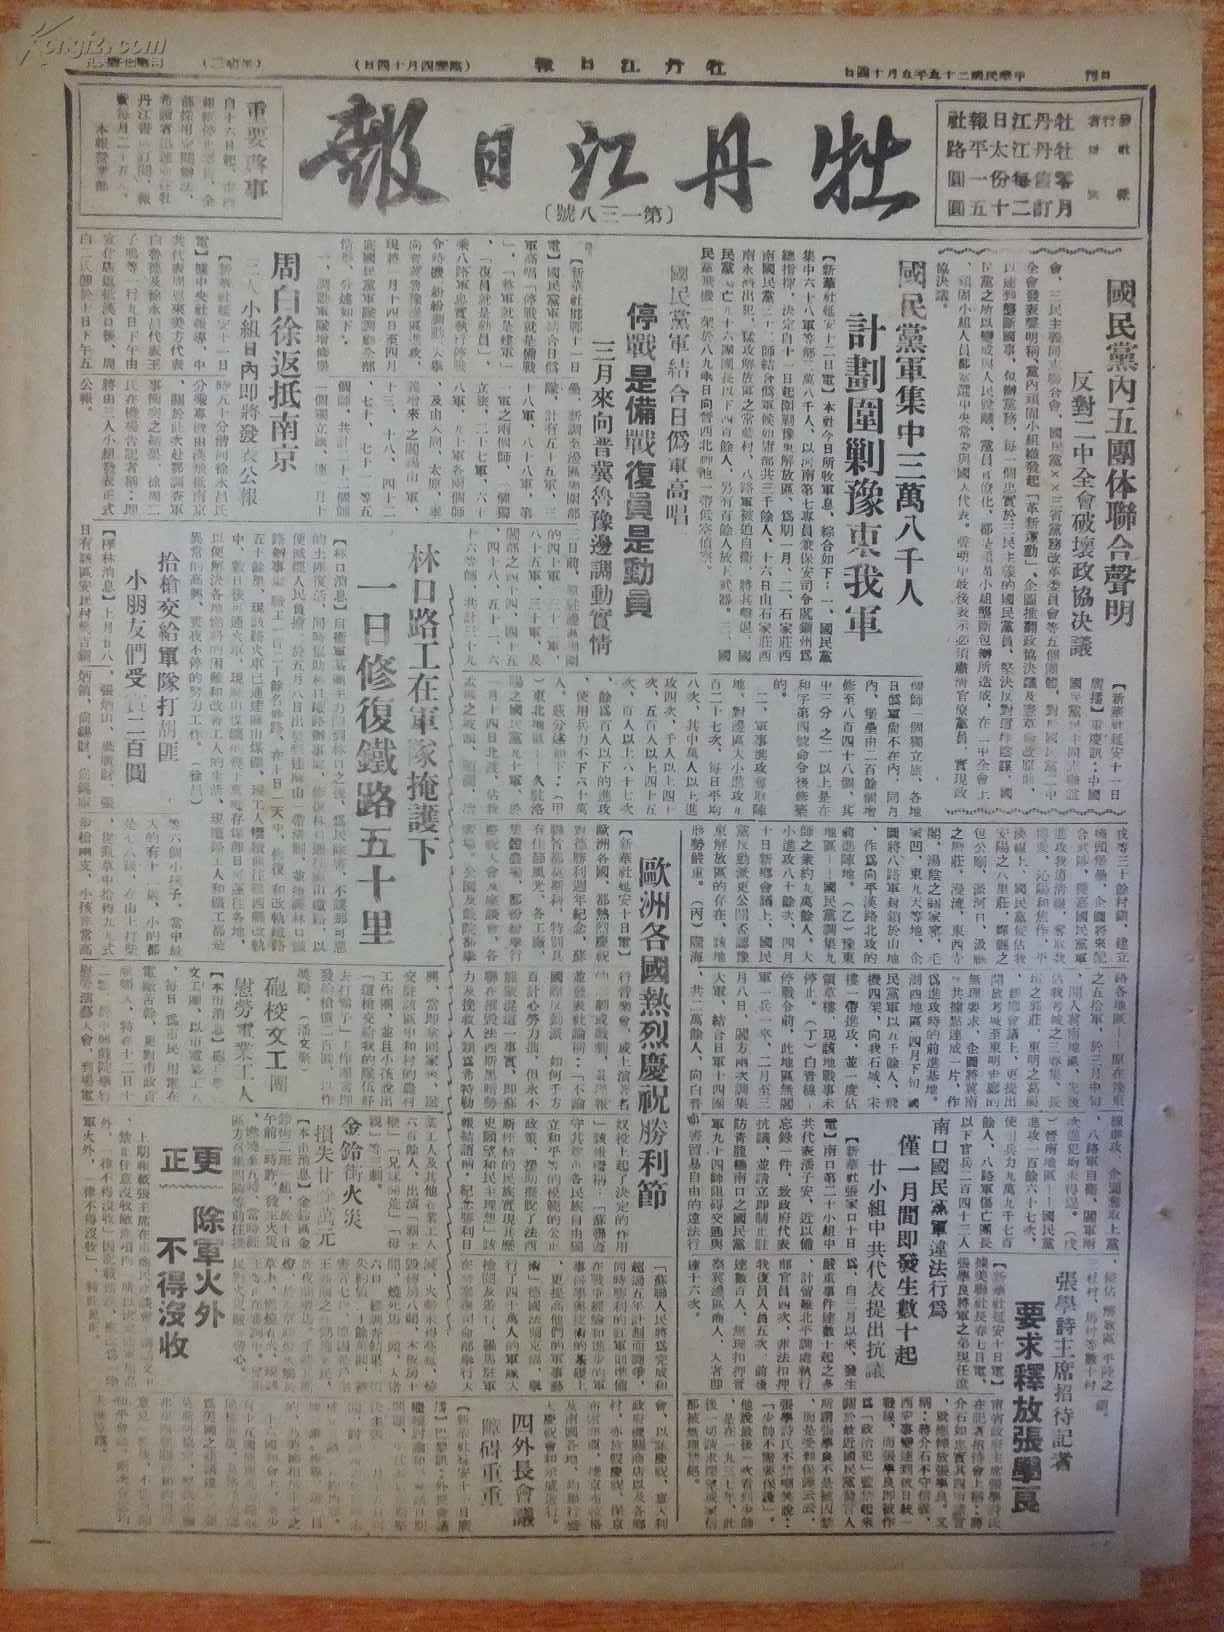 民国35年5月14日《牡丹江日报》红印 中国共产党与东北抗日联军十四年斗争史略(一),国民党计划围剿豫东我军